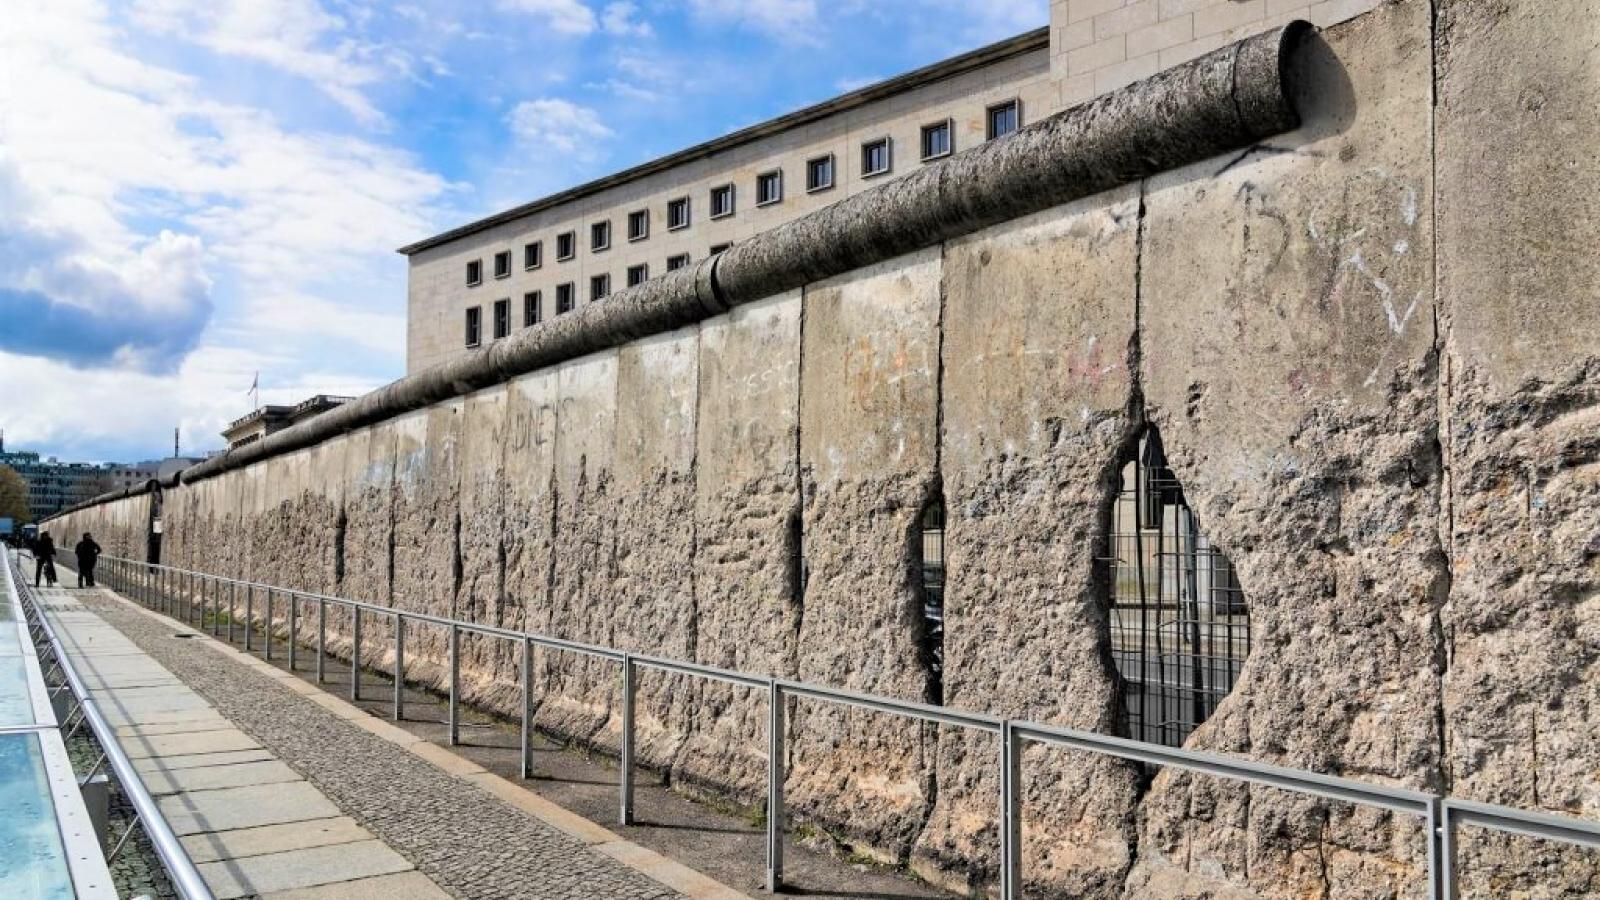 Những điều liên quan đến bức tường Berlin ít được nhắc đến